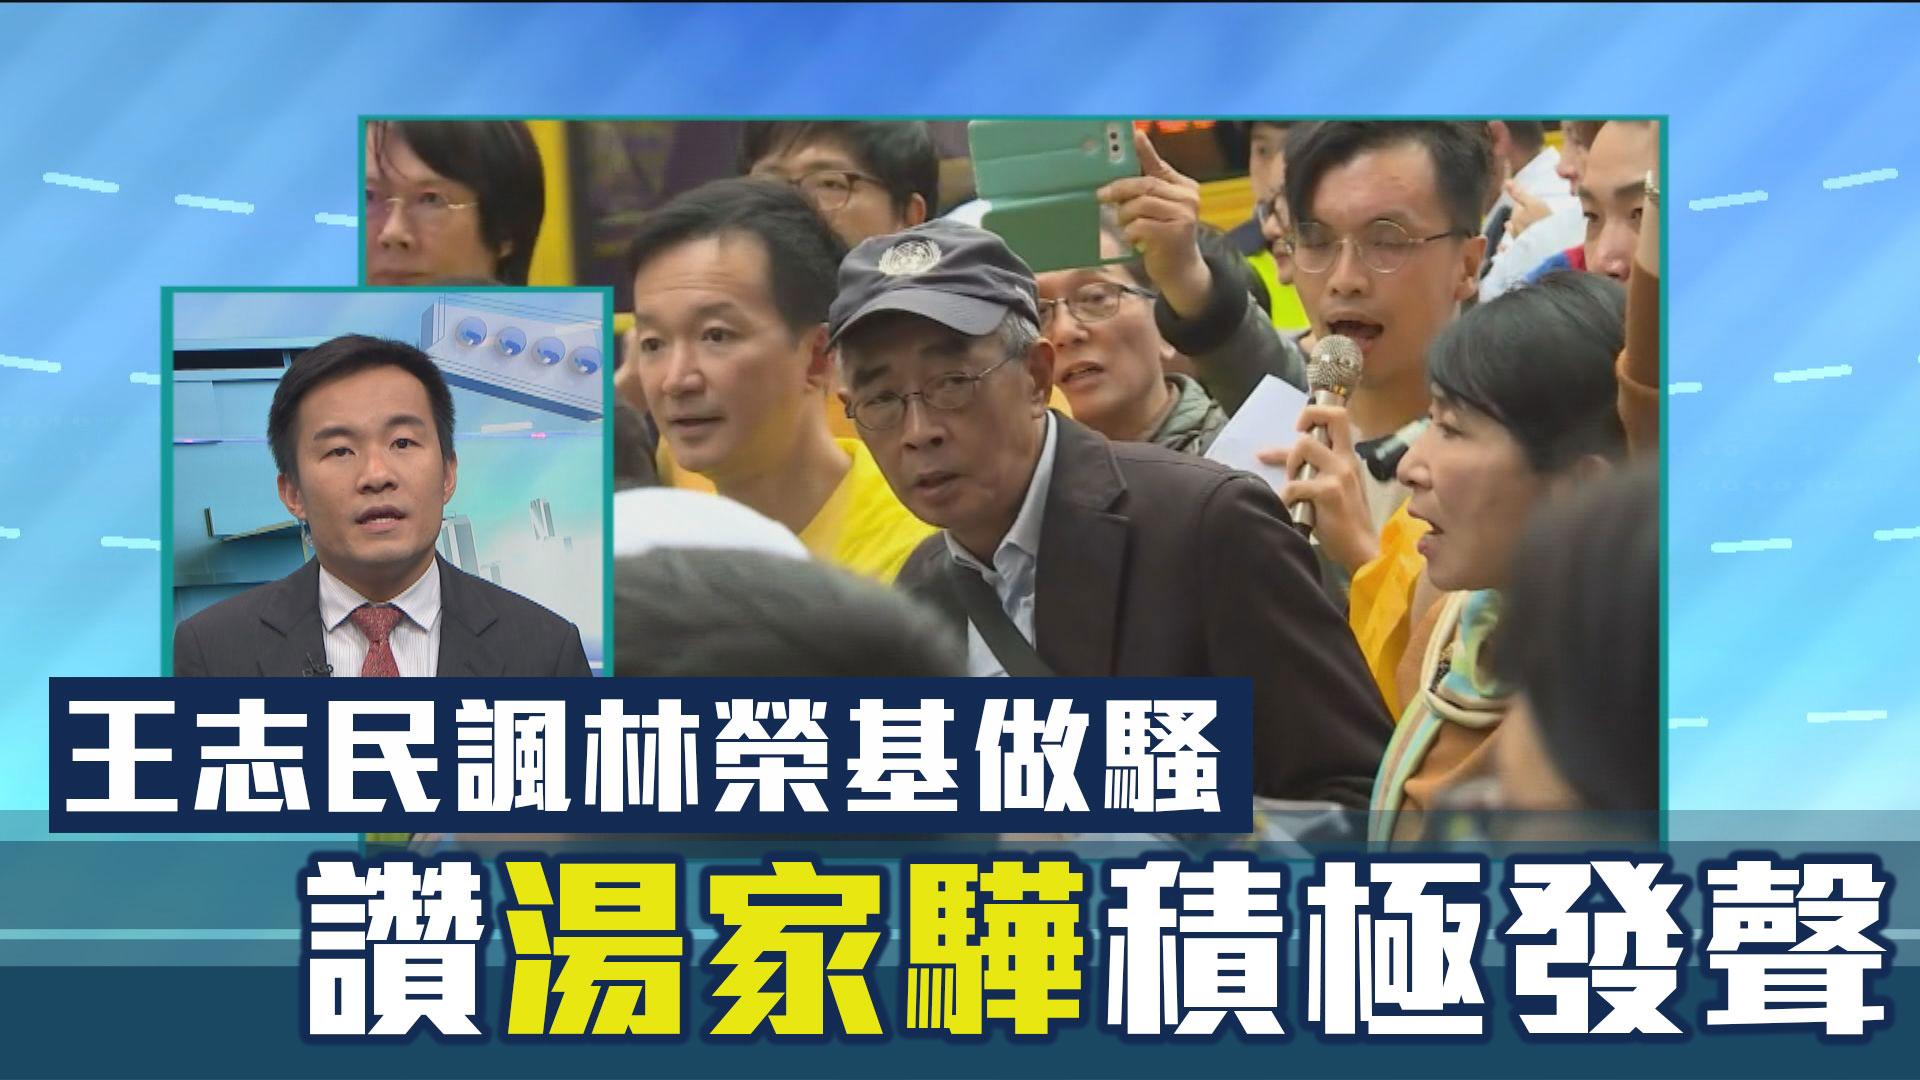 【政情】王志民諷林榮基做騷 讚湯家驊積極發聲